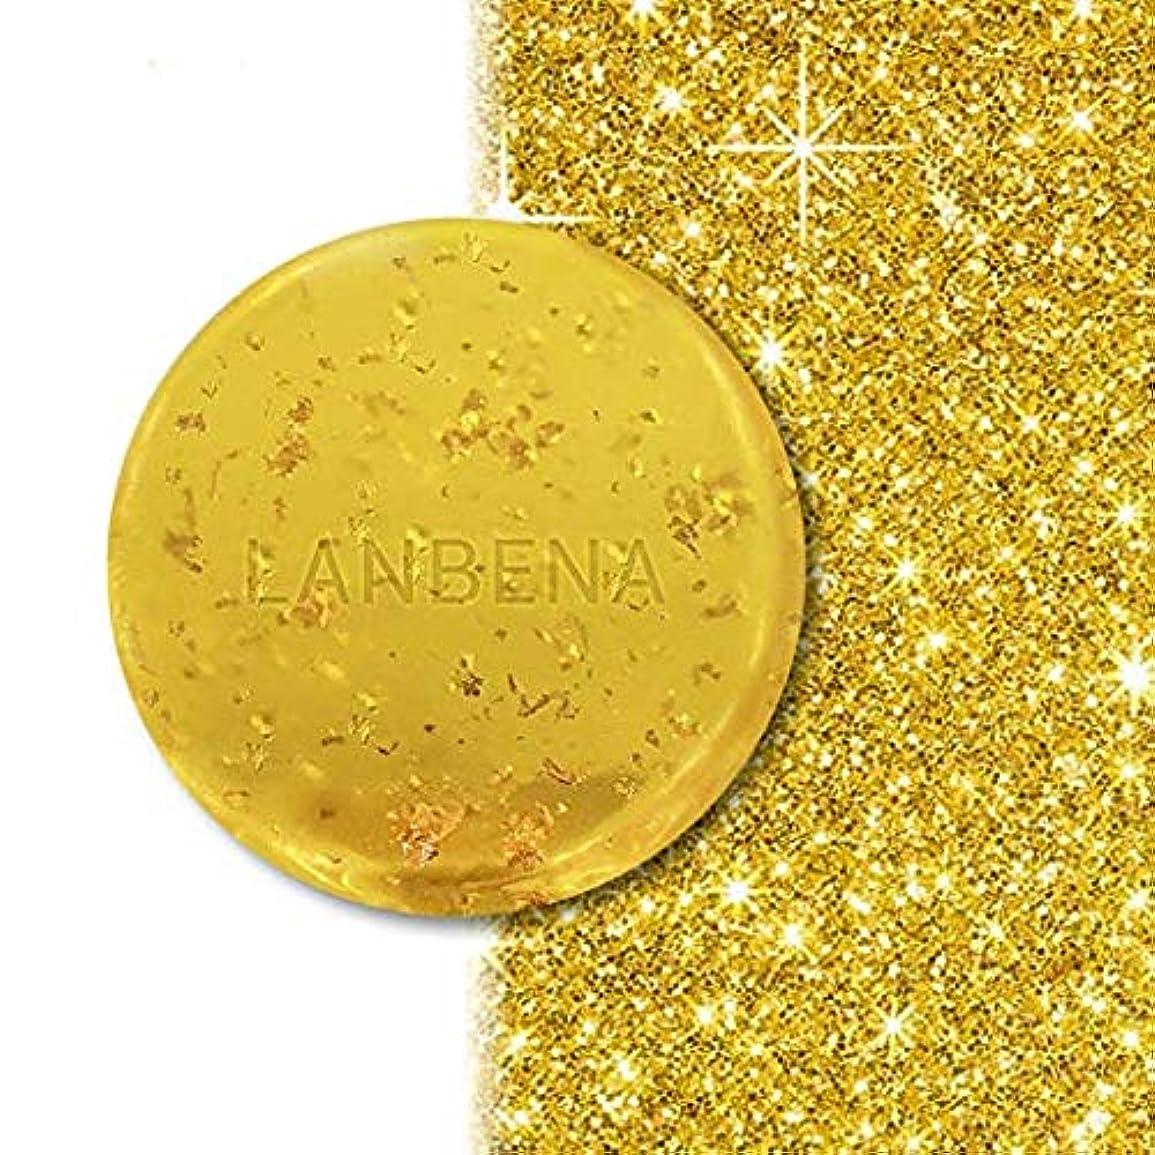 中性患者機知に富んだ24Kゴールドハンドメイドハーブソープ海藻ディープクレンジングモイスチャライジング肌の美白、しわの発生を最小限に抑える、肌の色合いを引き締める、健康なシャンプー、ファインラインフェイスケア24K Gold Handmade...